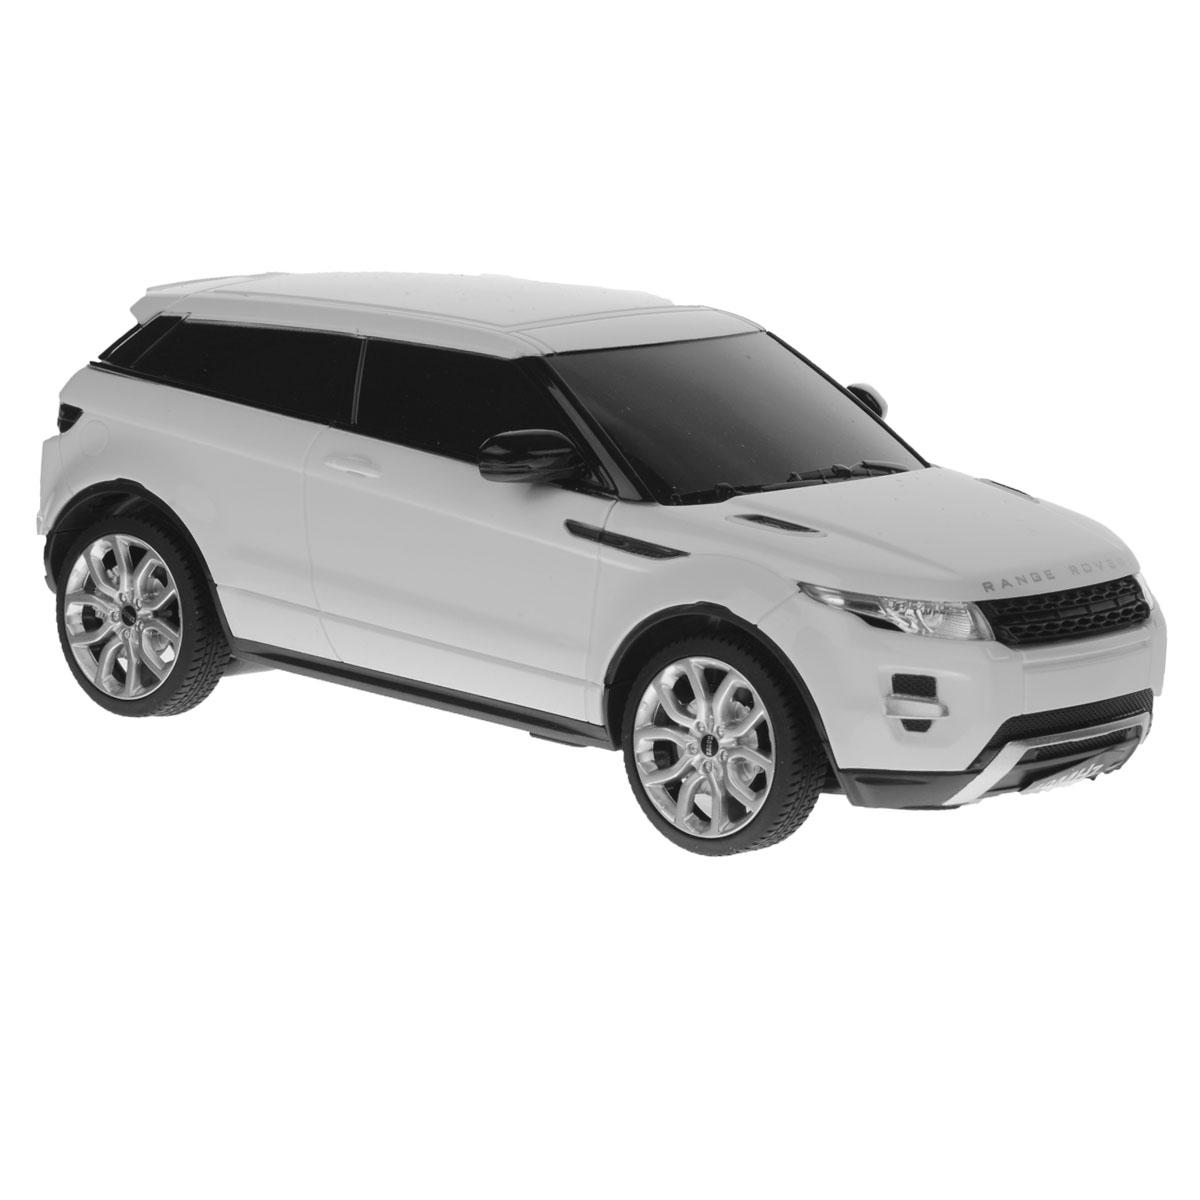 Rastar Радиоуправляемая модель Range Rover Evoque цвет белый масштаб 1:24 rastar радиоуправляемая модель range rover sport цвет серебристый масштаб 1 14